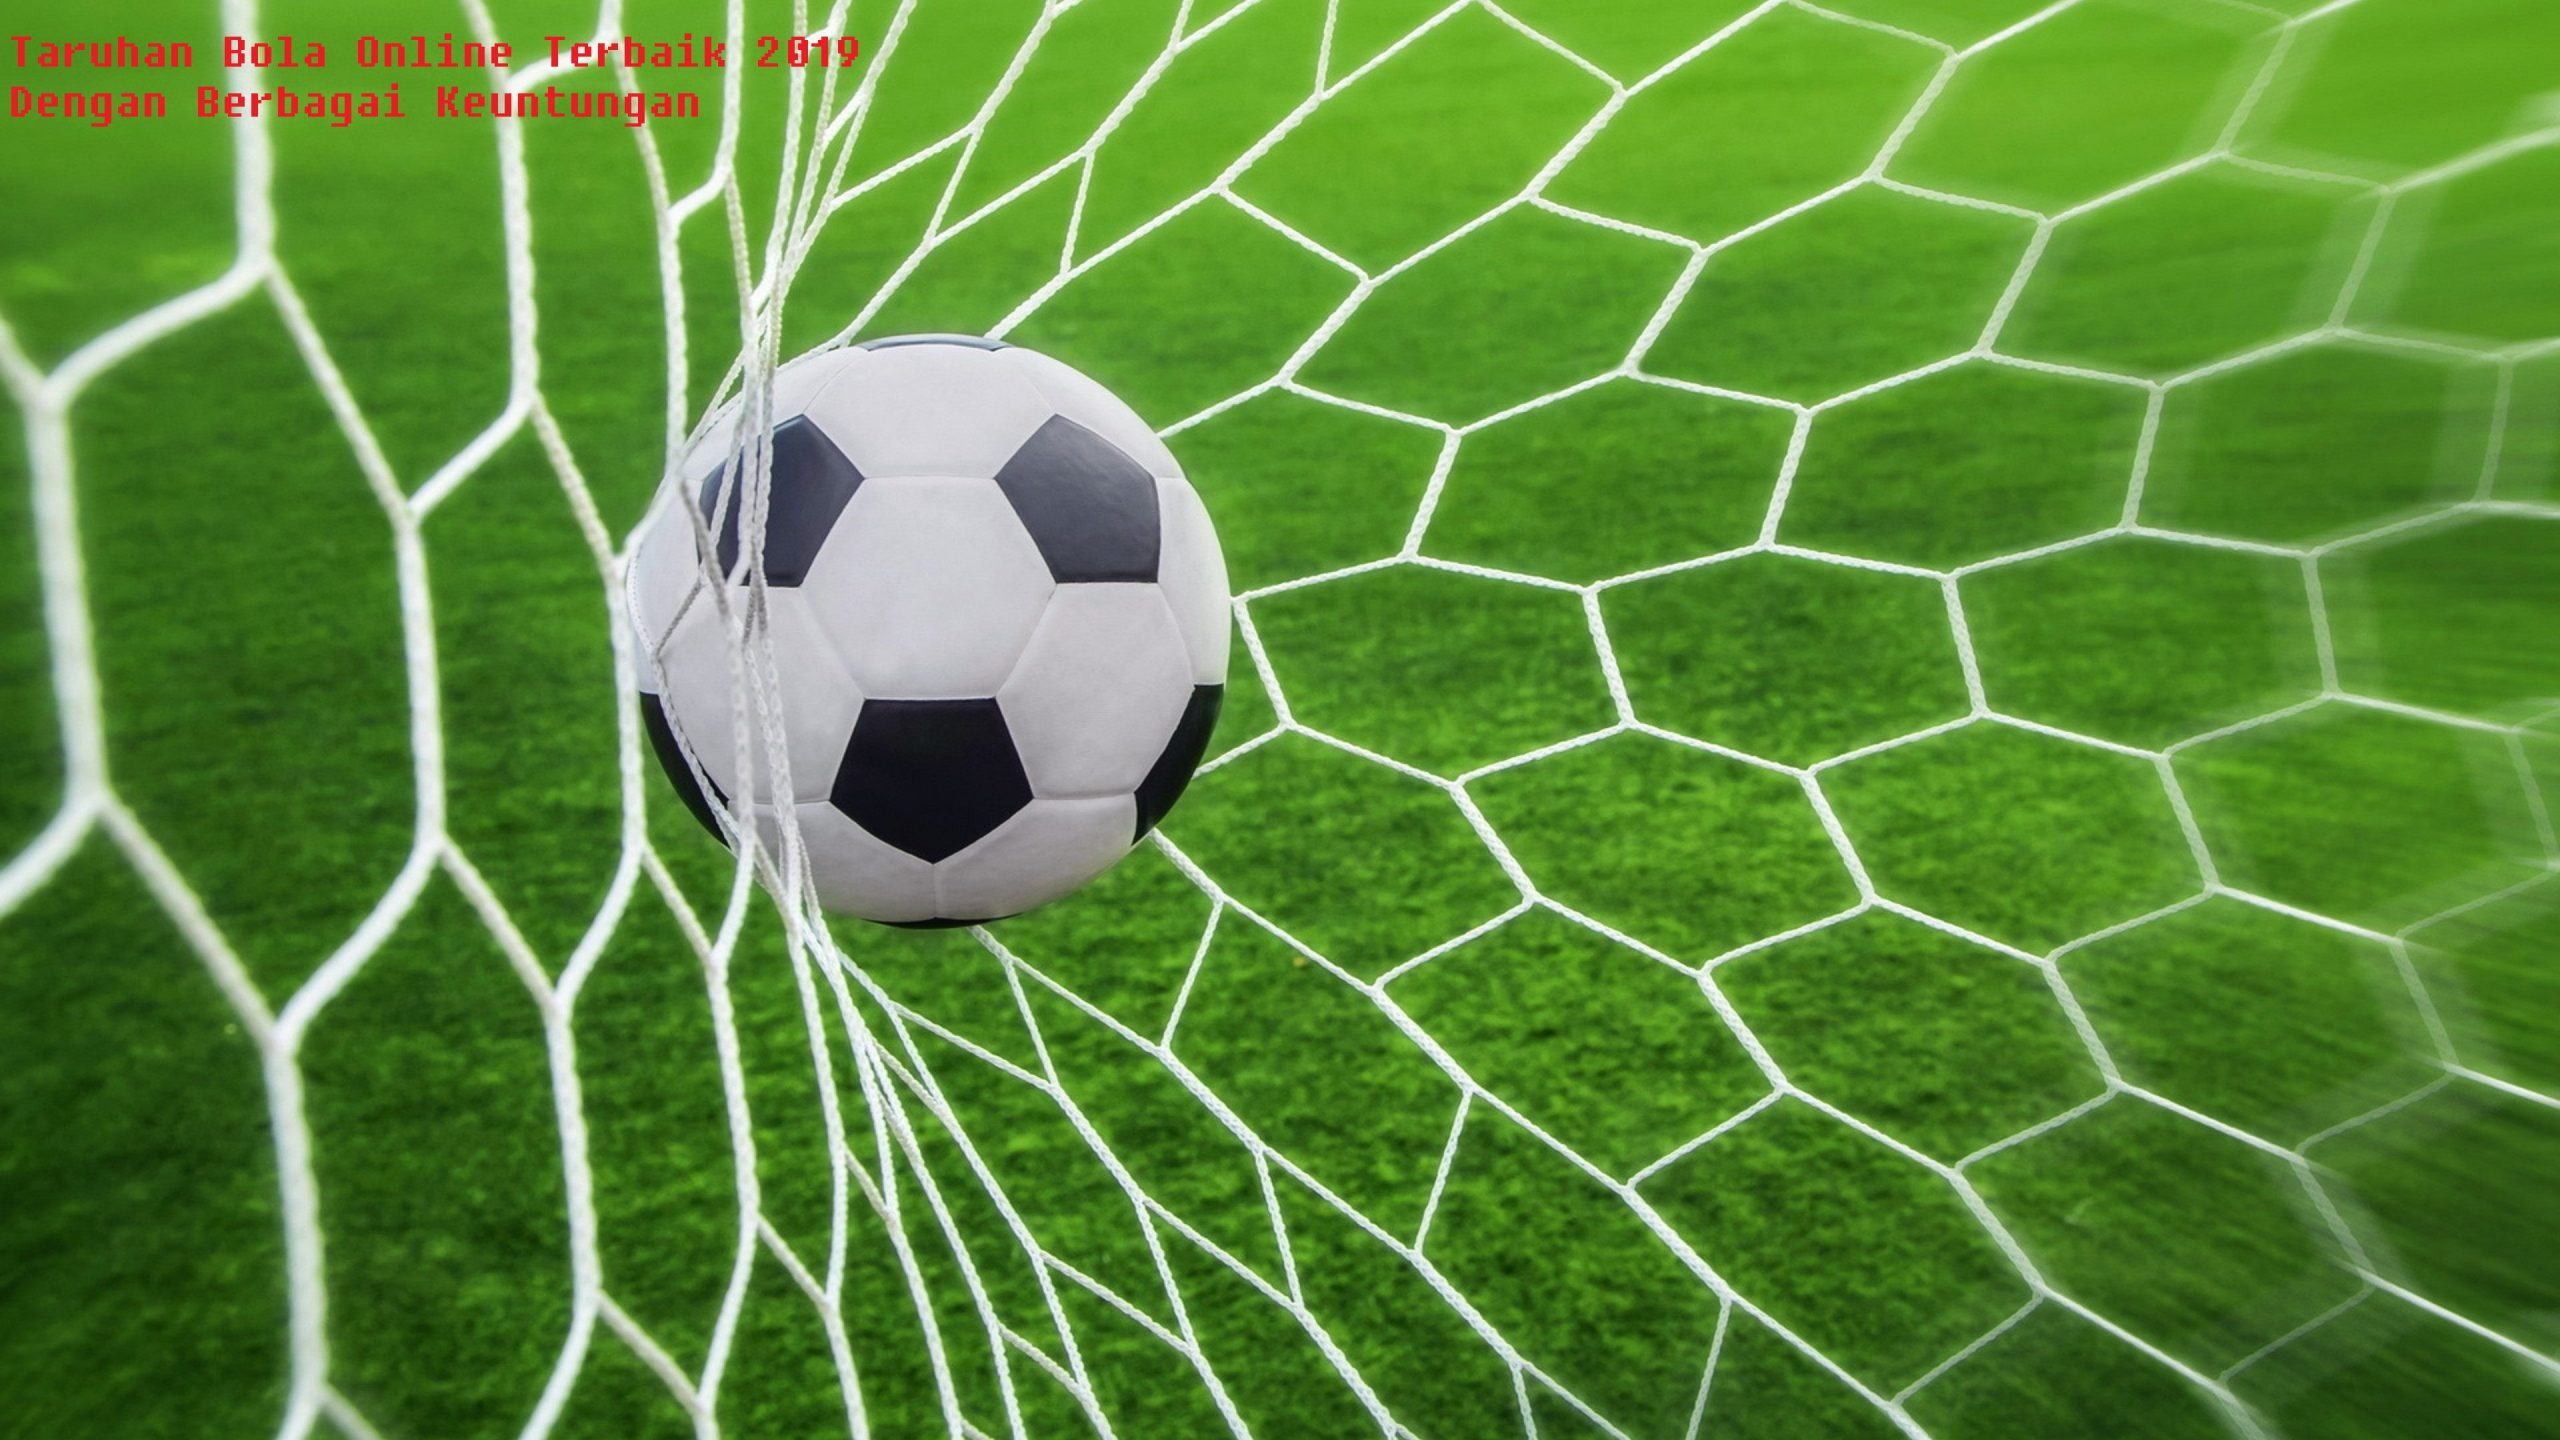 Taruhan Bola Online Terbaik 2019 Dengan Berbagai Keuntungan